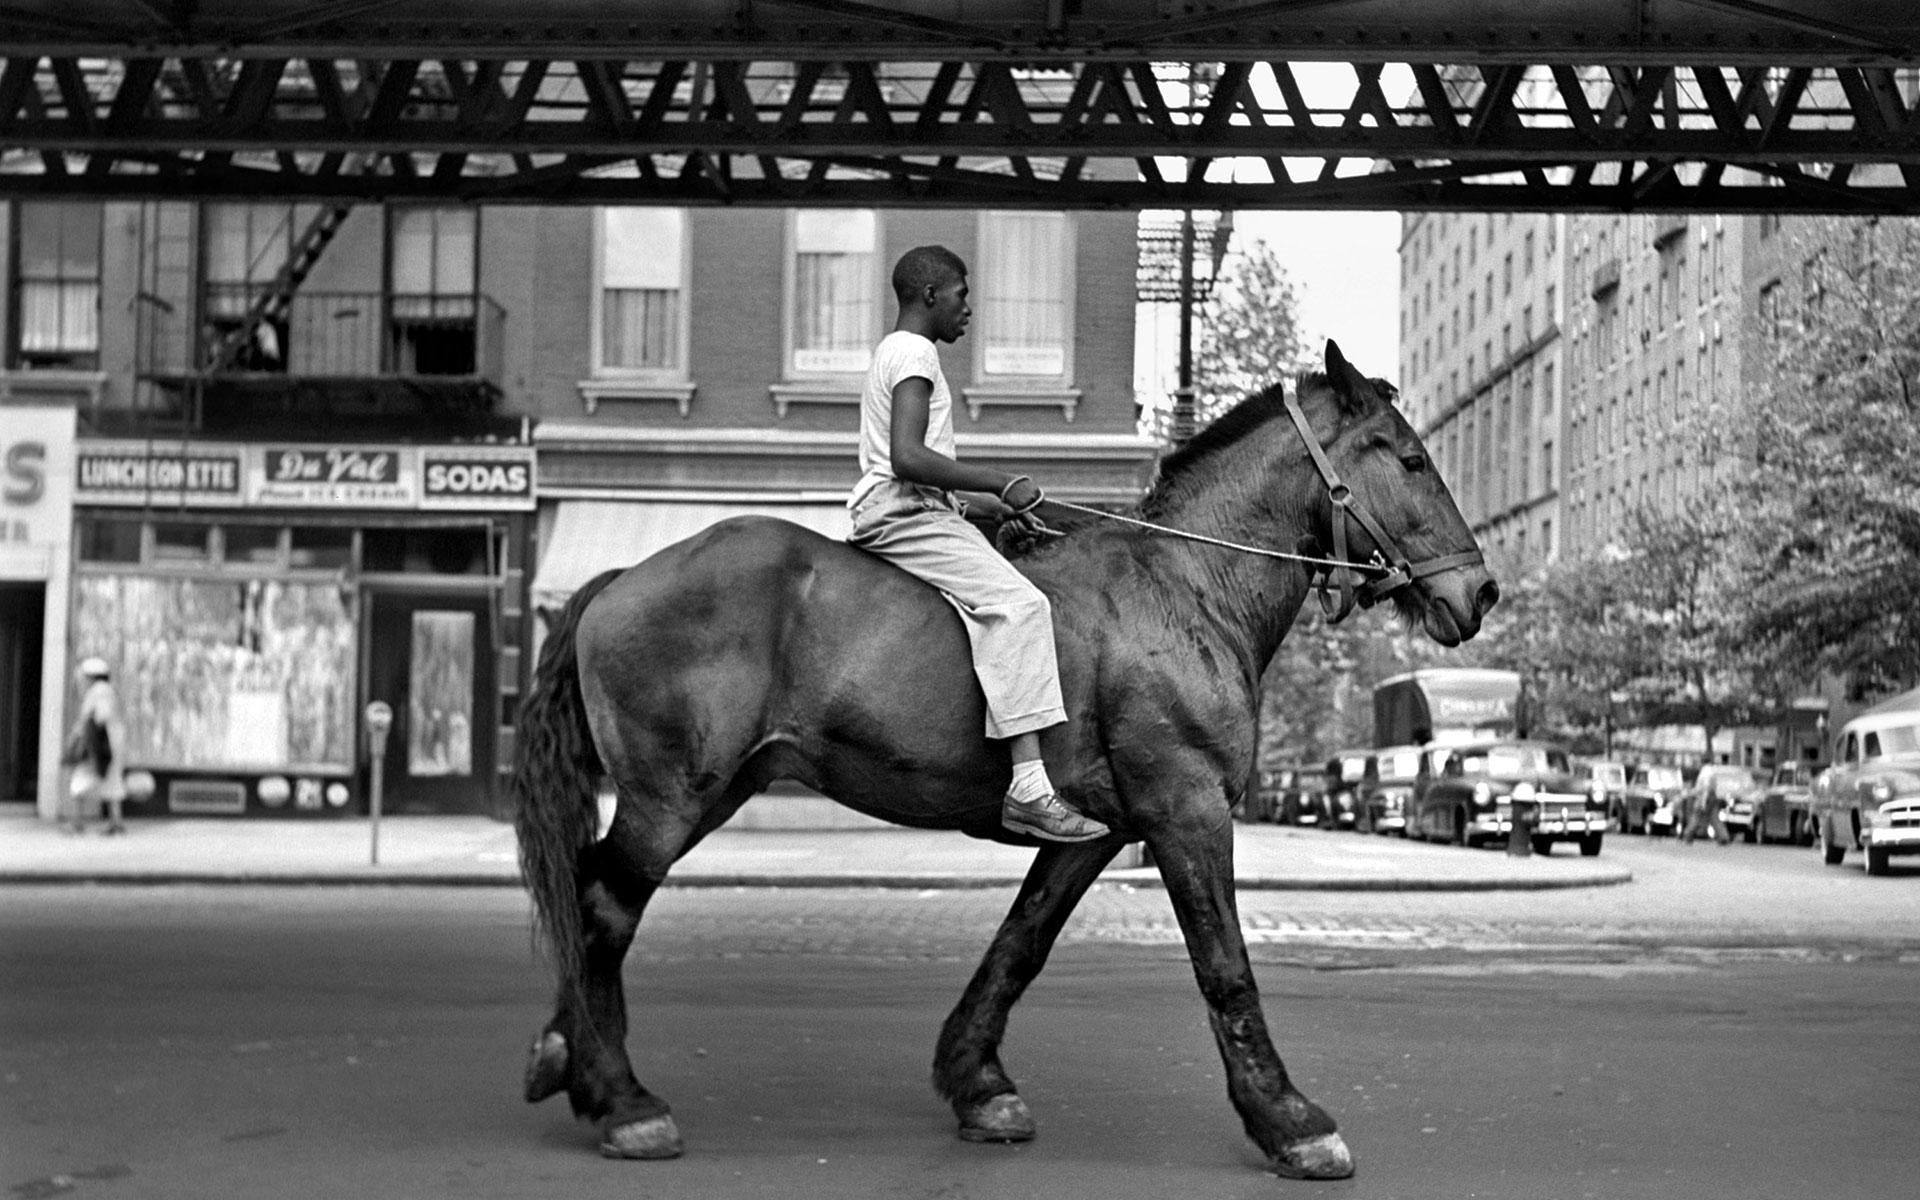 Man-on-horse-vivian-maier-photo-picture-for-desktop-1